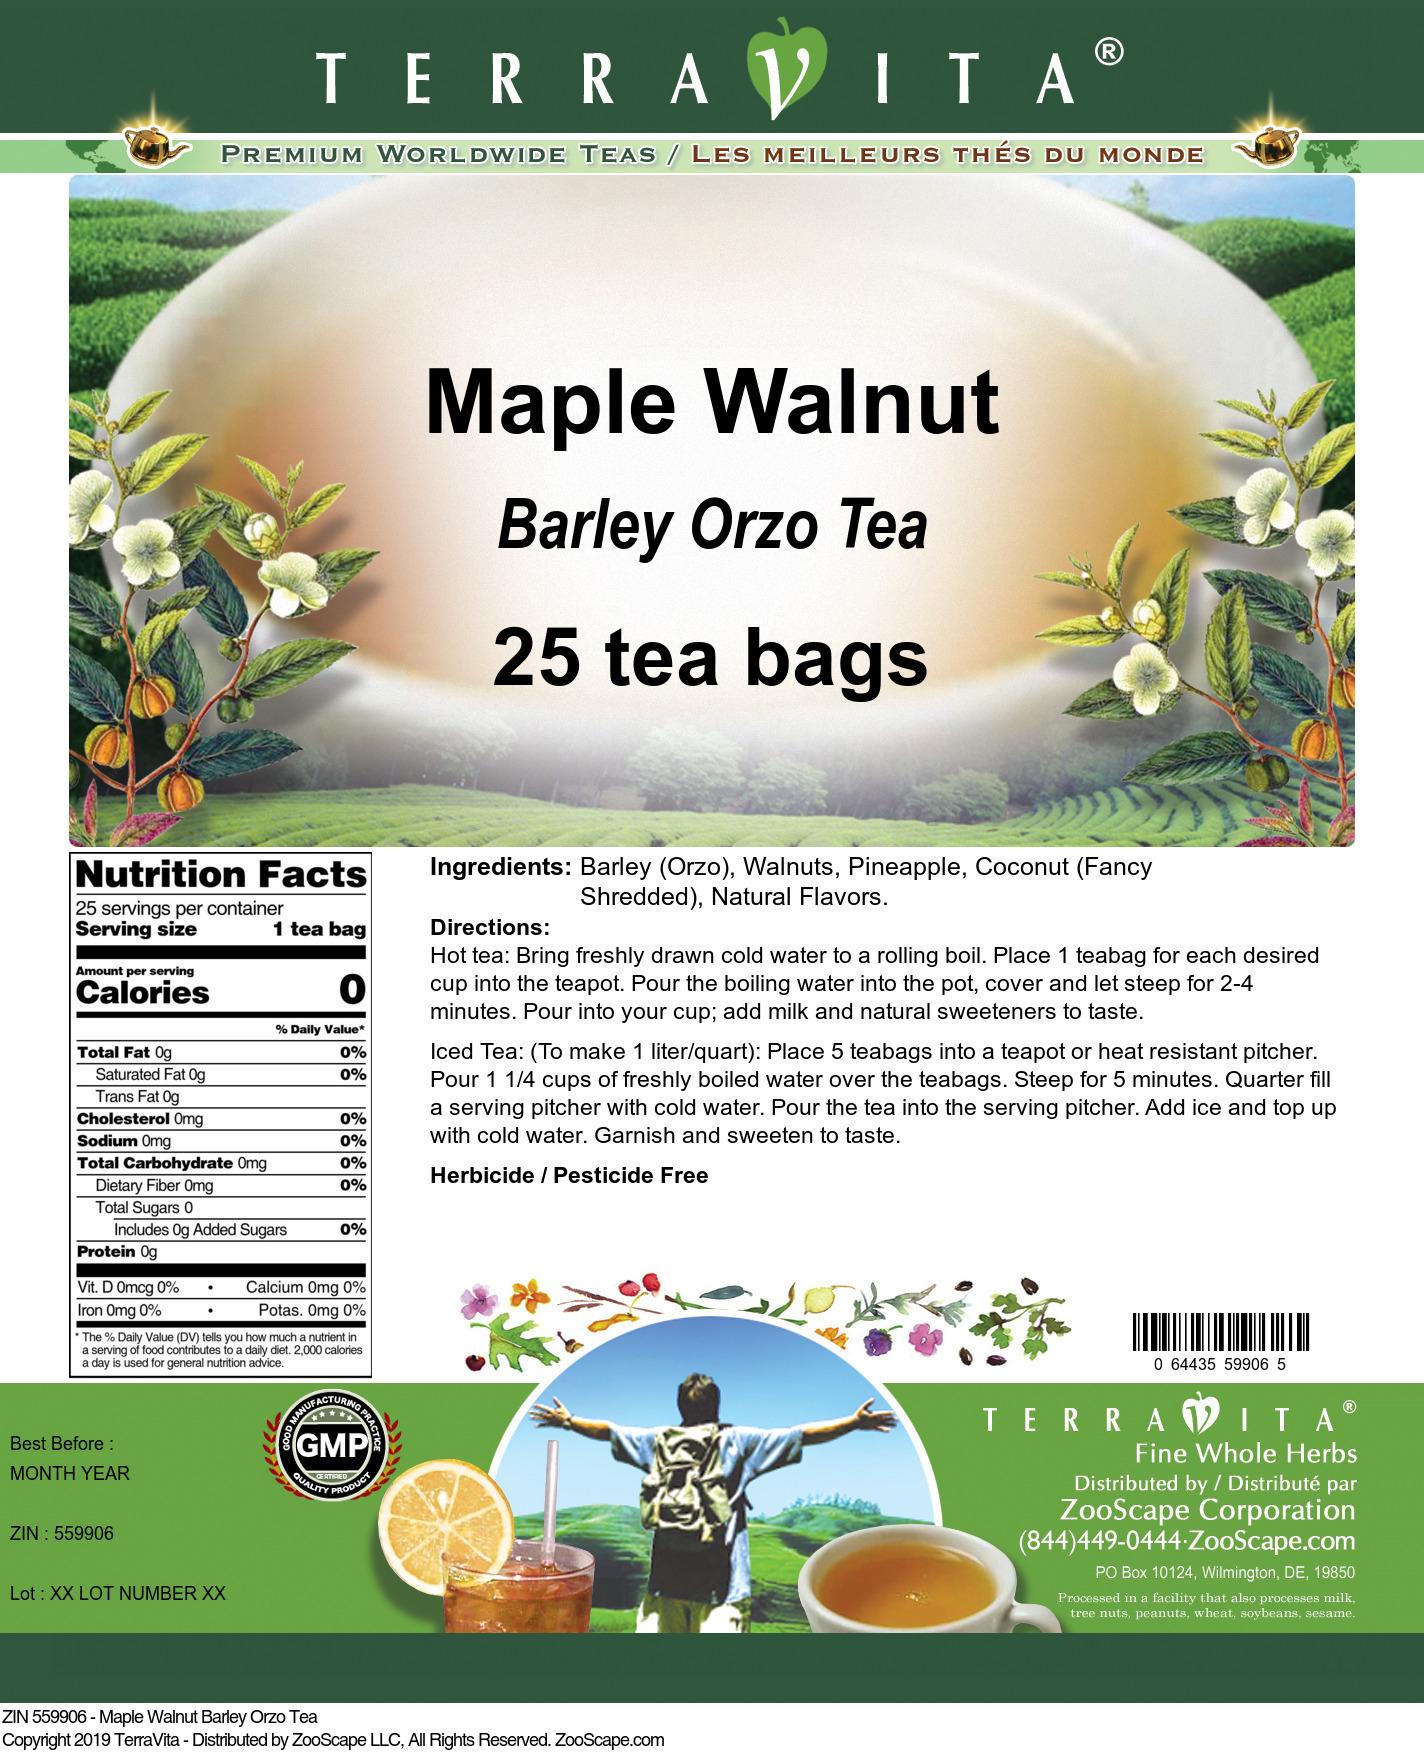 Maple Walnut Barley Orzo Tea